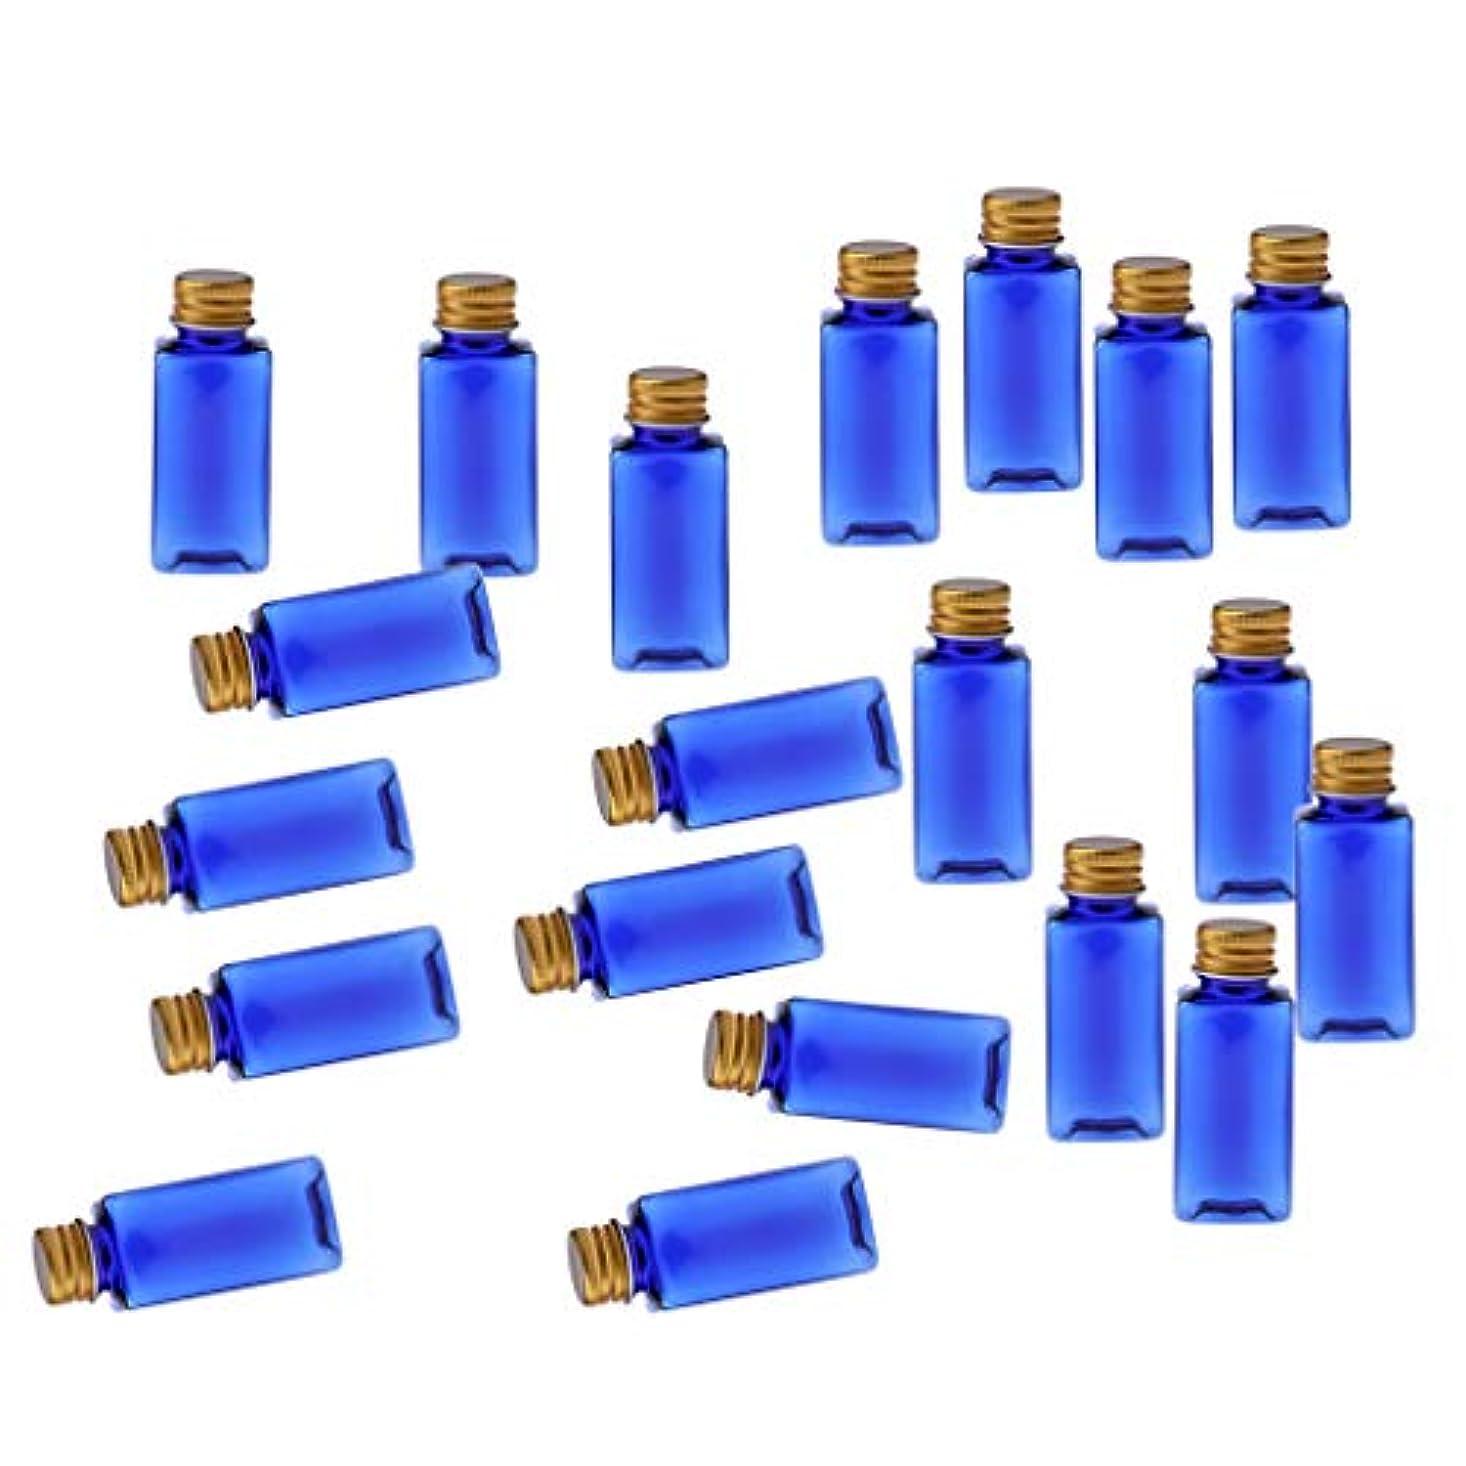 ゼロゲージ特異性CUTICATE 化粧ボトル 香水ボトル 液体化粧品 エッセンシャルオイル 香水 ボディオイル 20個入り - ブルーゴールド